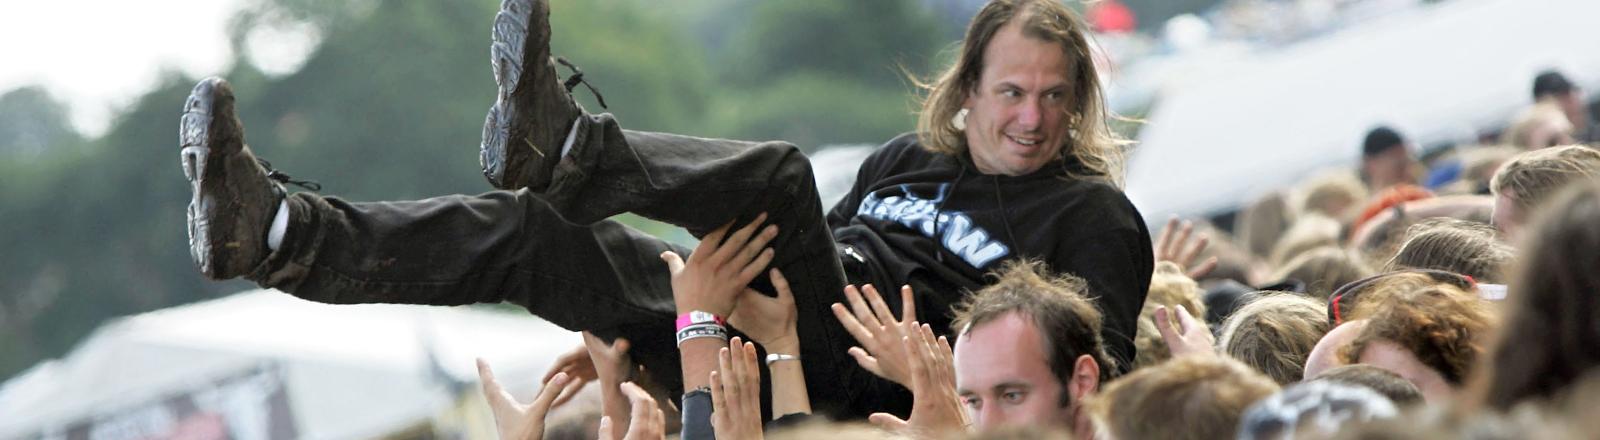 Ein Besucher des Wacken Open Air Festivals wird auf dem Festivalgelände vor der Bühne über die Menge getragen.